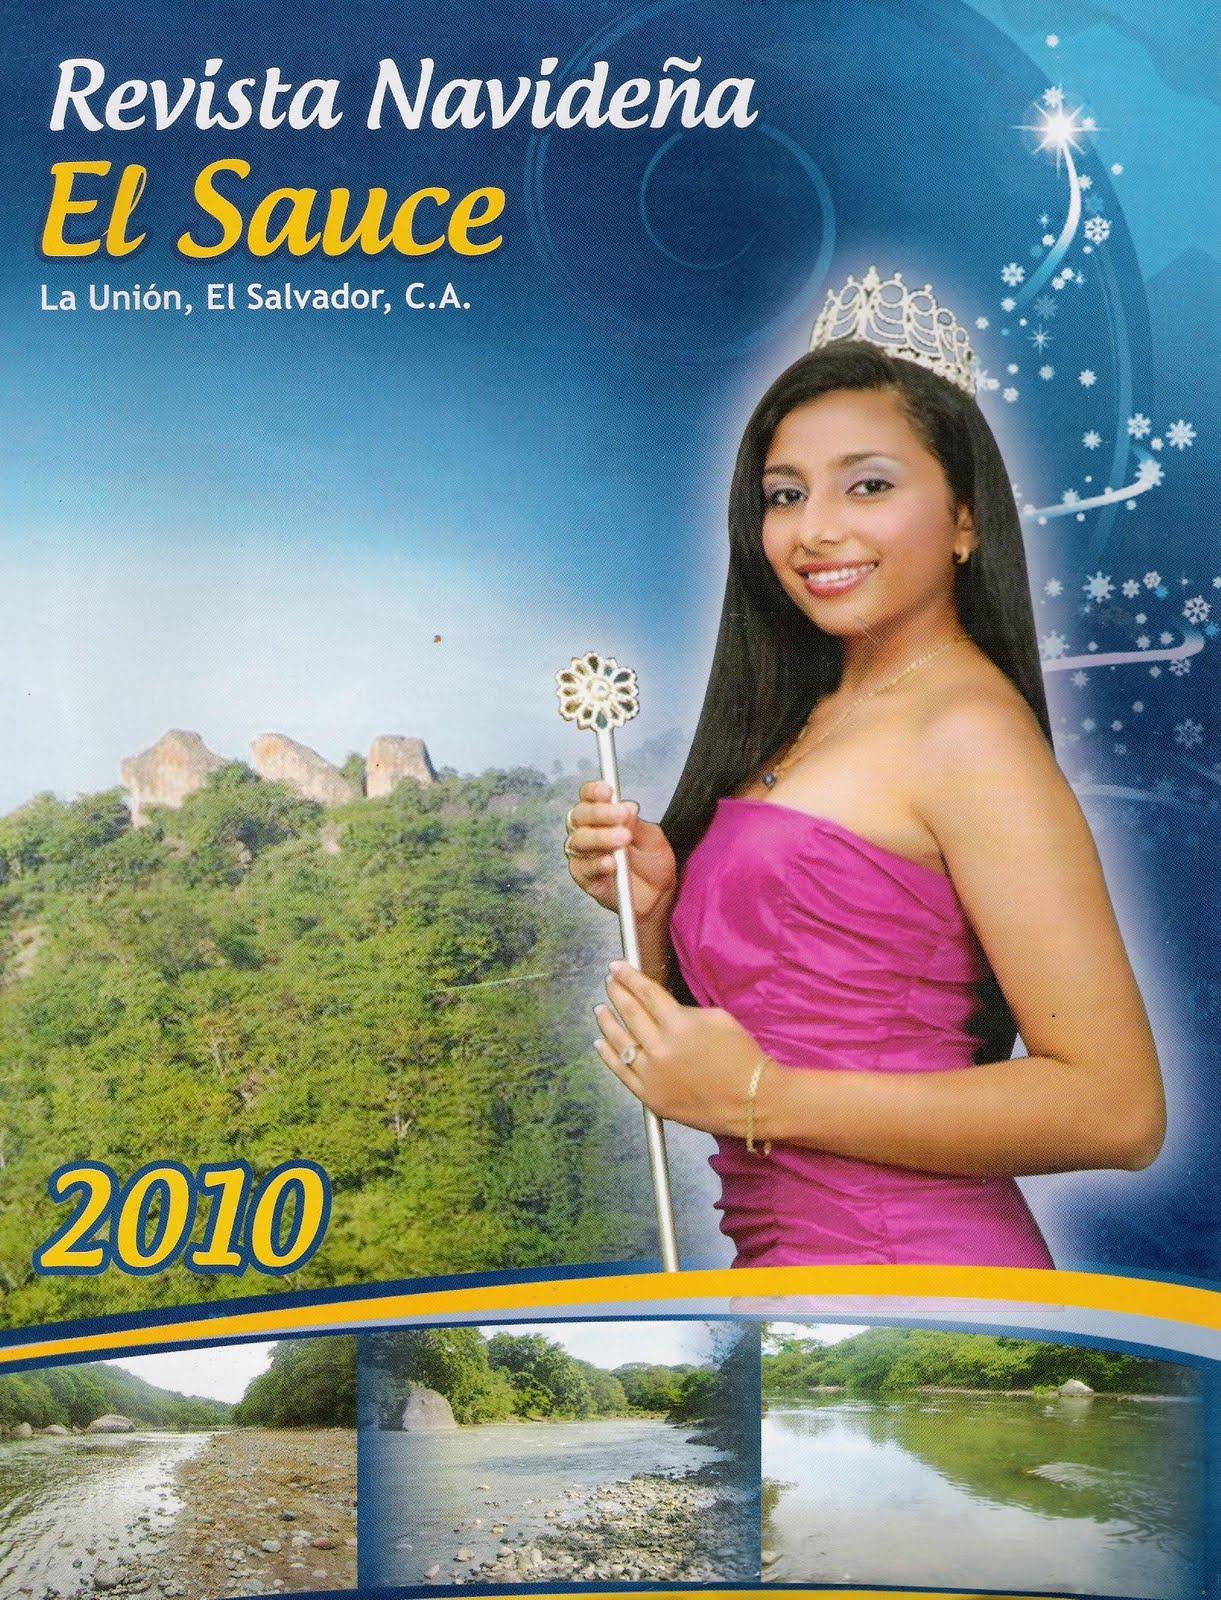 Revista del Año 2010 - Fiestas navideña El Sauce